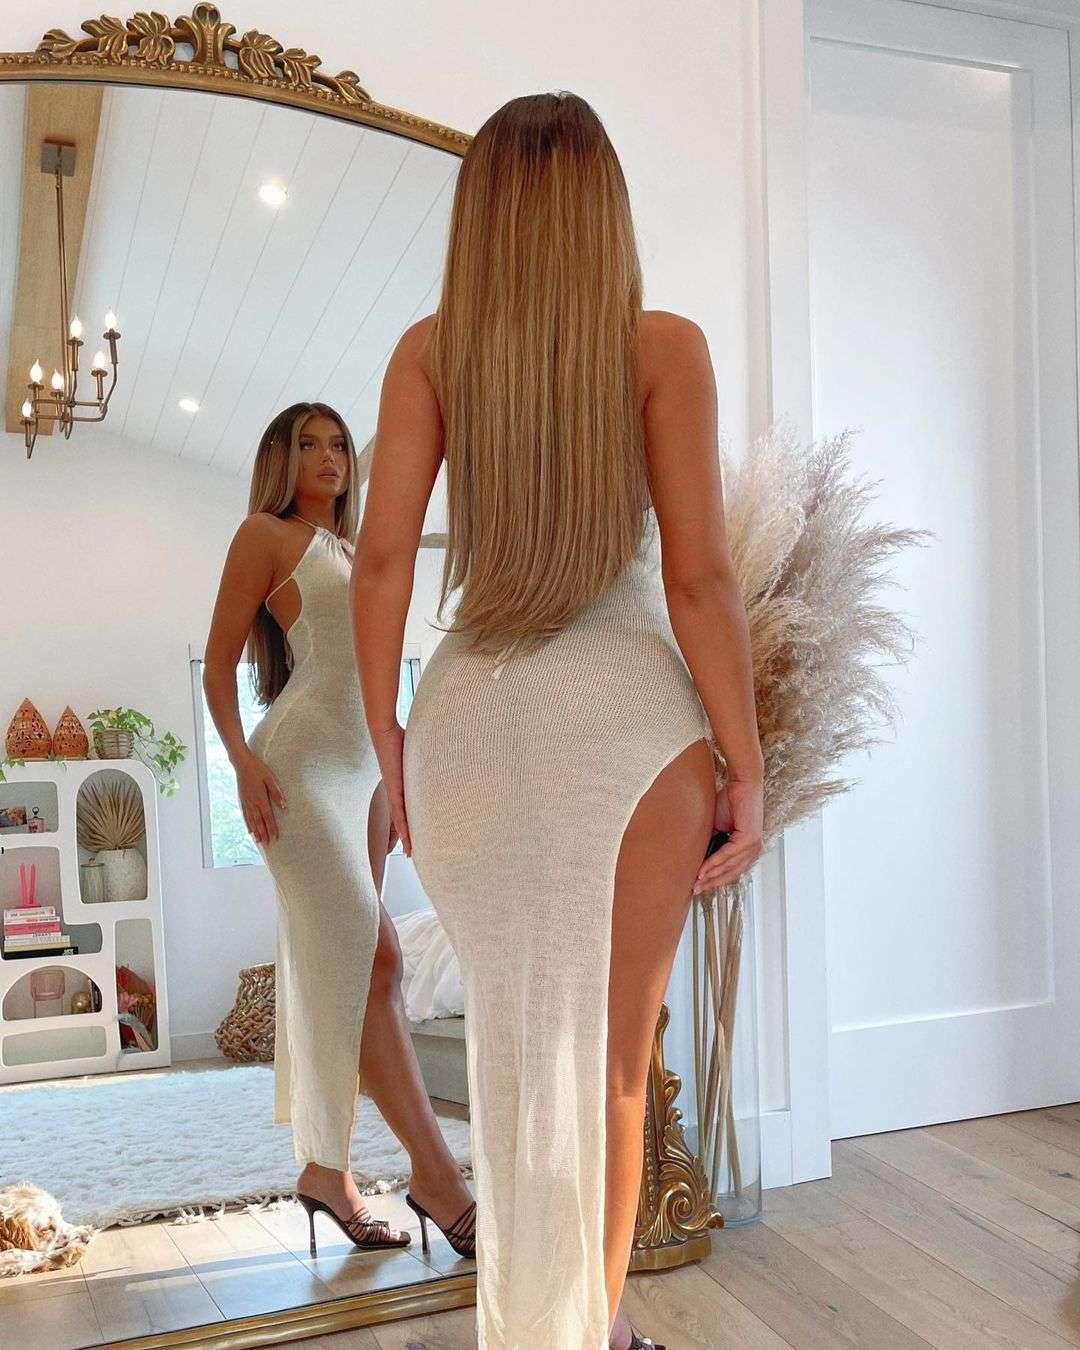 sofia jamora massive butt